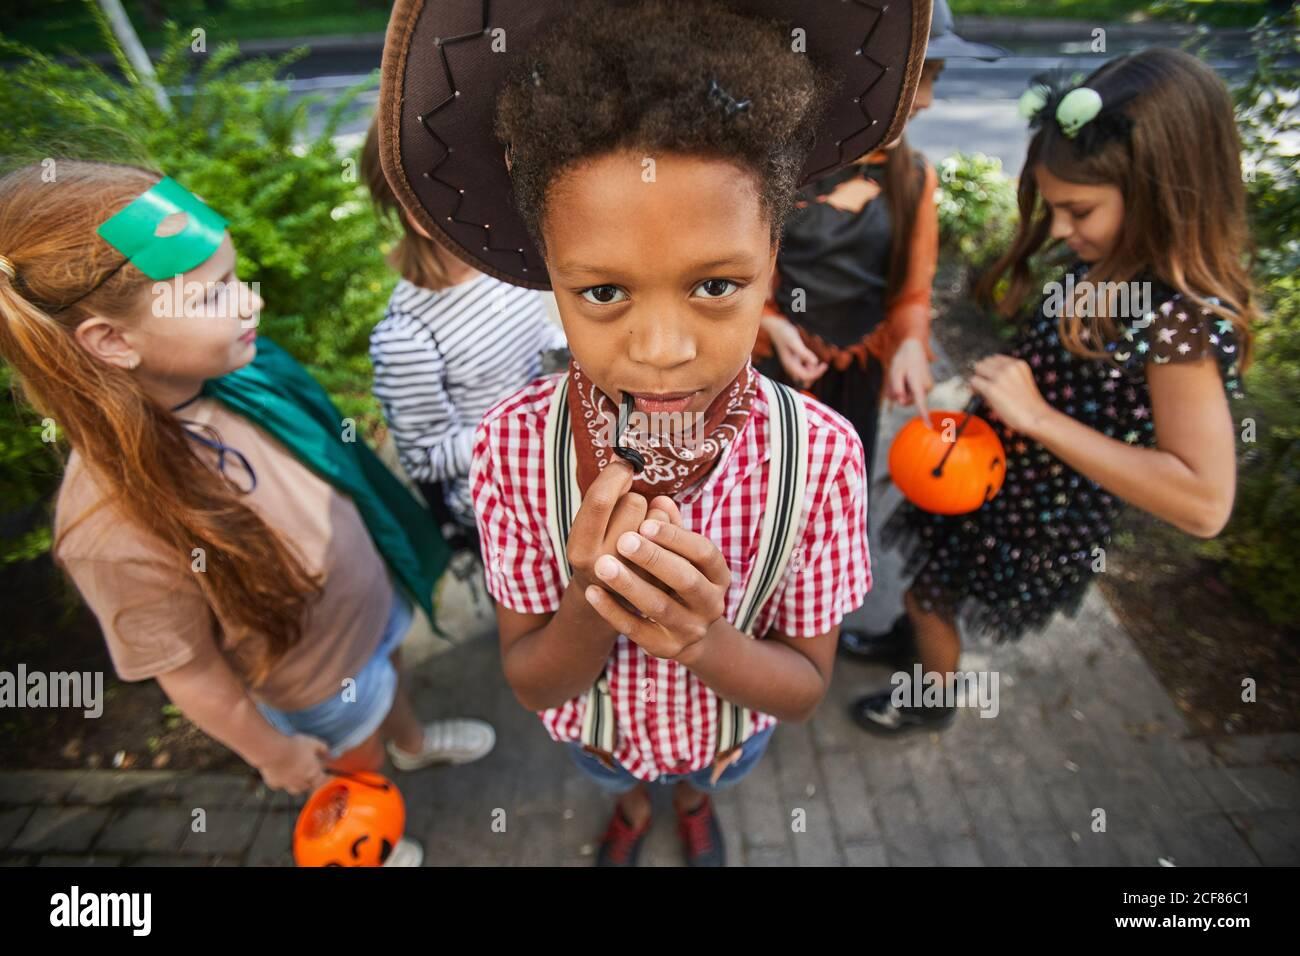 Portrait d'un garçon africain mangeant sucré et regardant l'appareil photo avec ses amis en arrière-plan à l'extérieur Banque D'Images